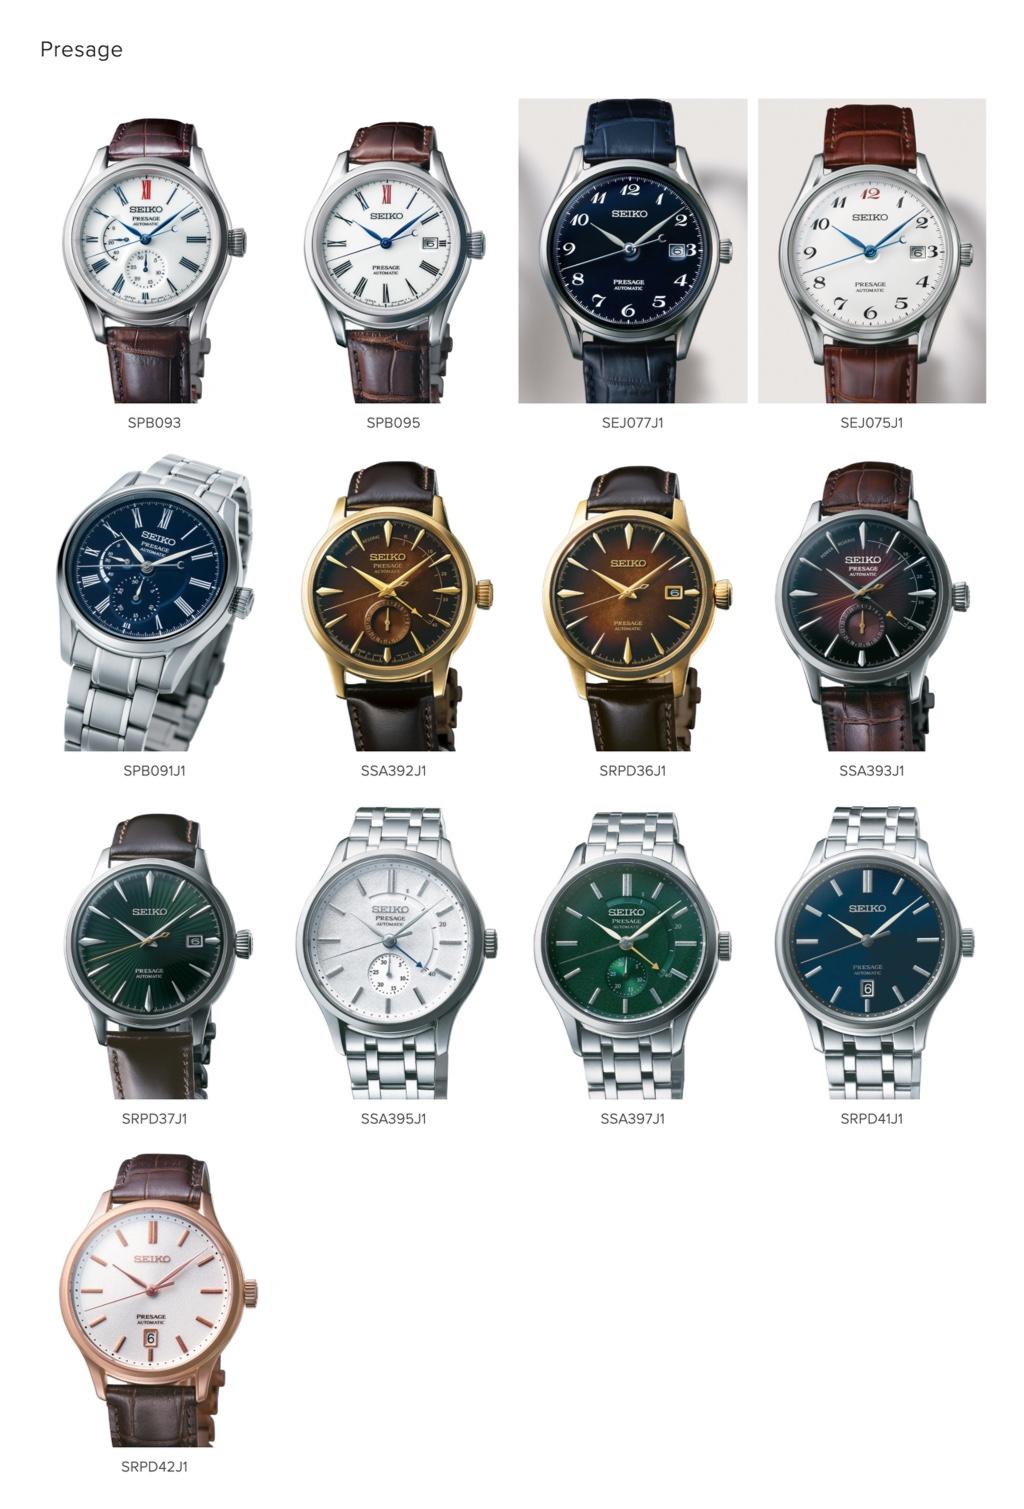 Actualités des montres non russes - Page 13 1hlfXk7cclg